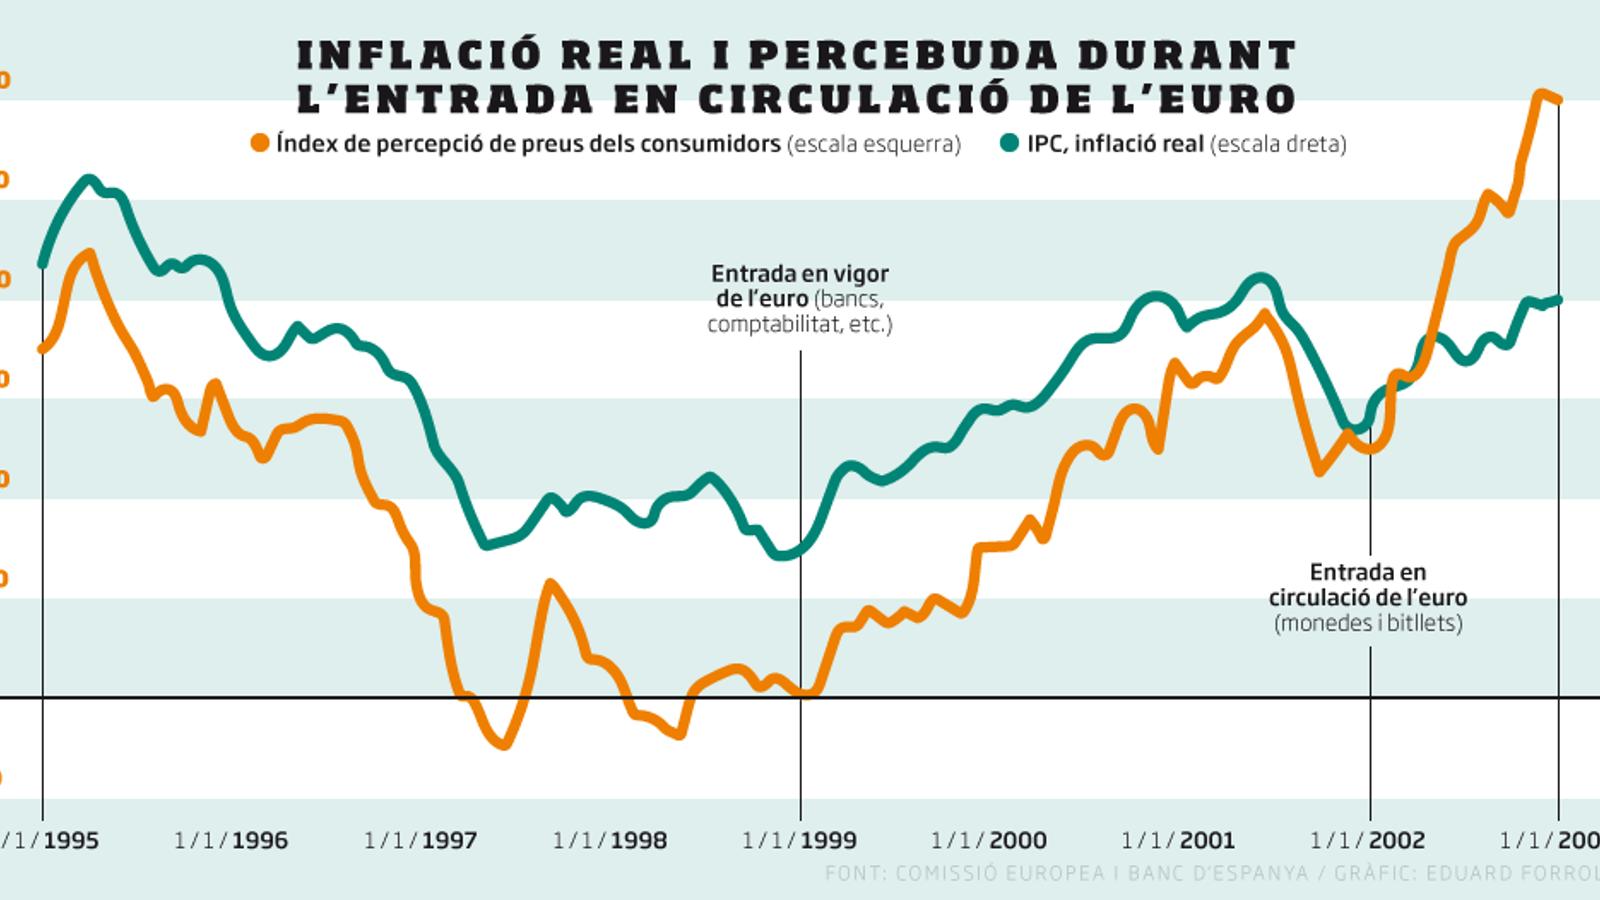 No, l'euro no va fer pujar els preus